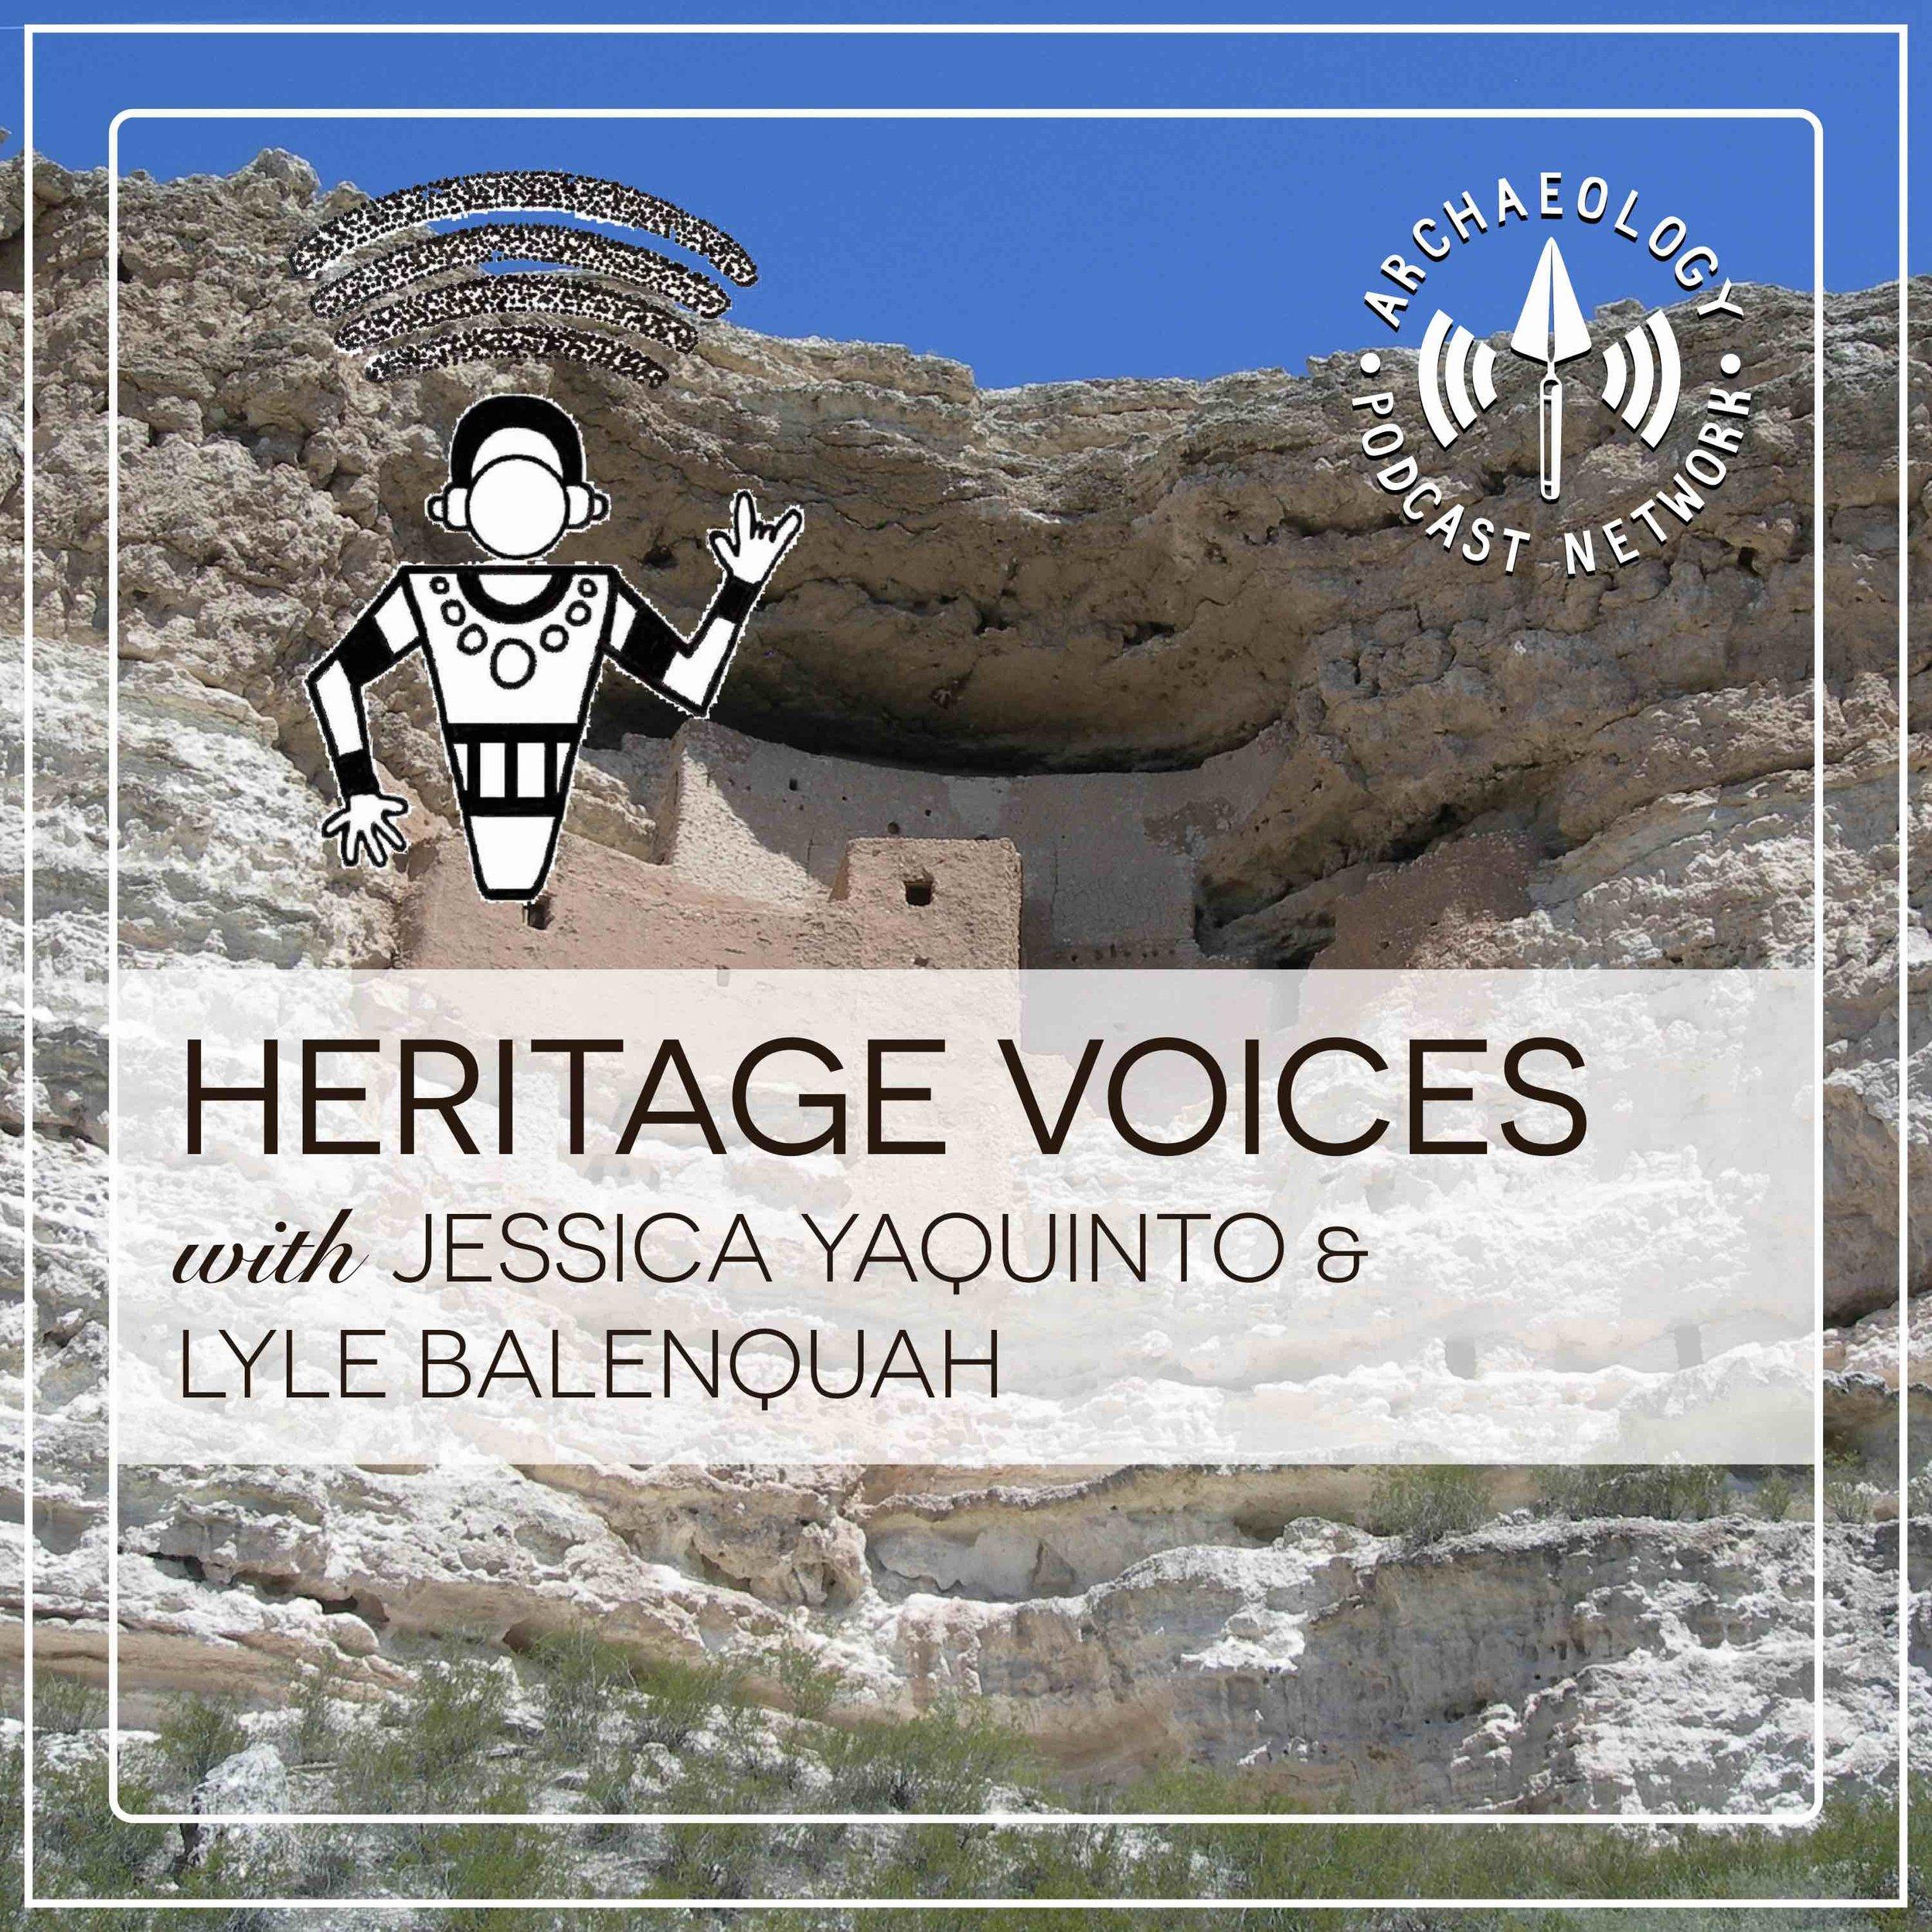 2019 Heritage Voices.jpeg